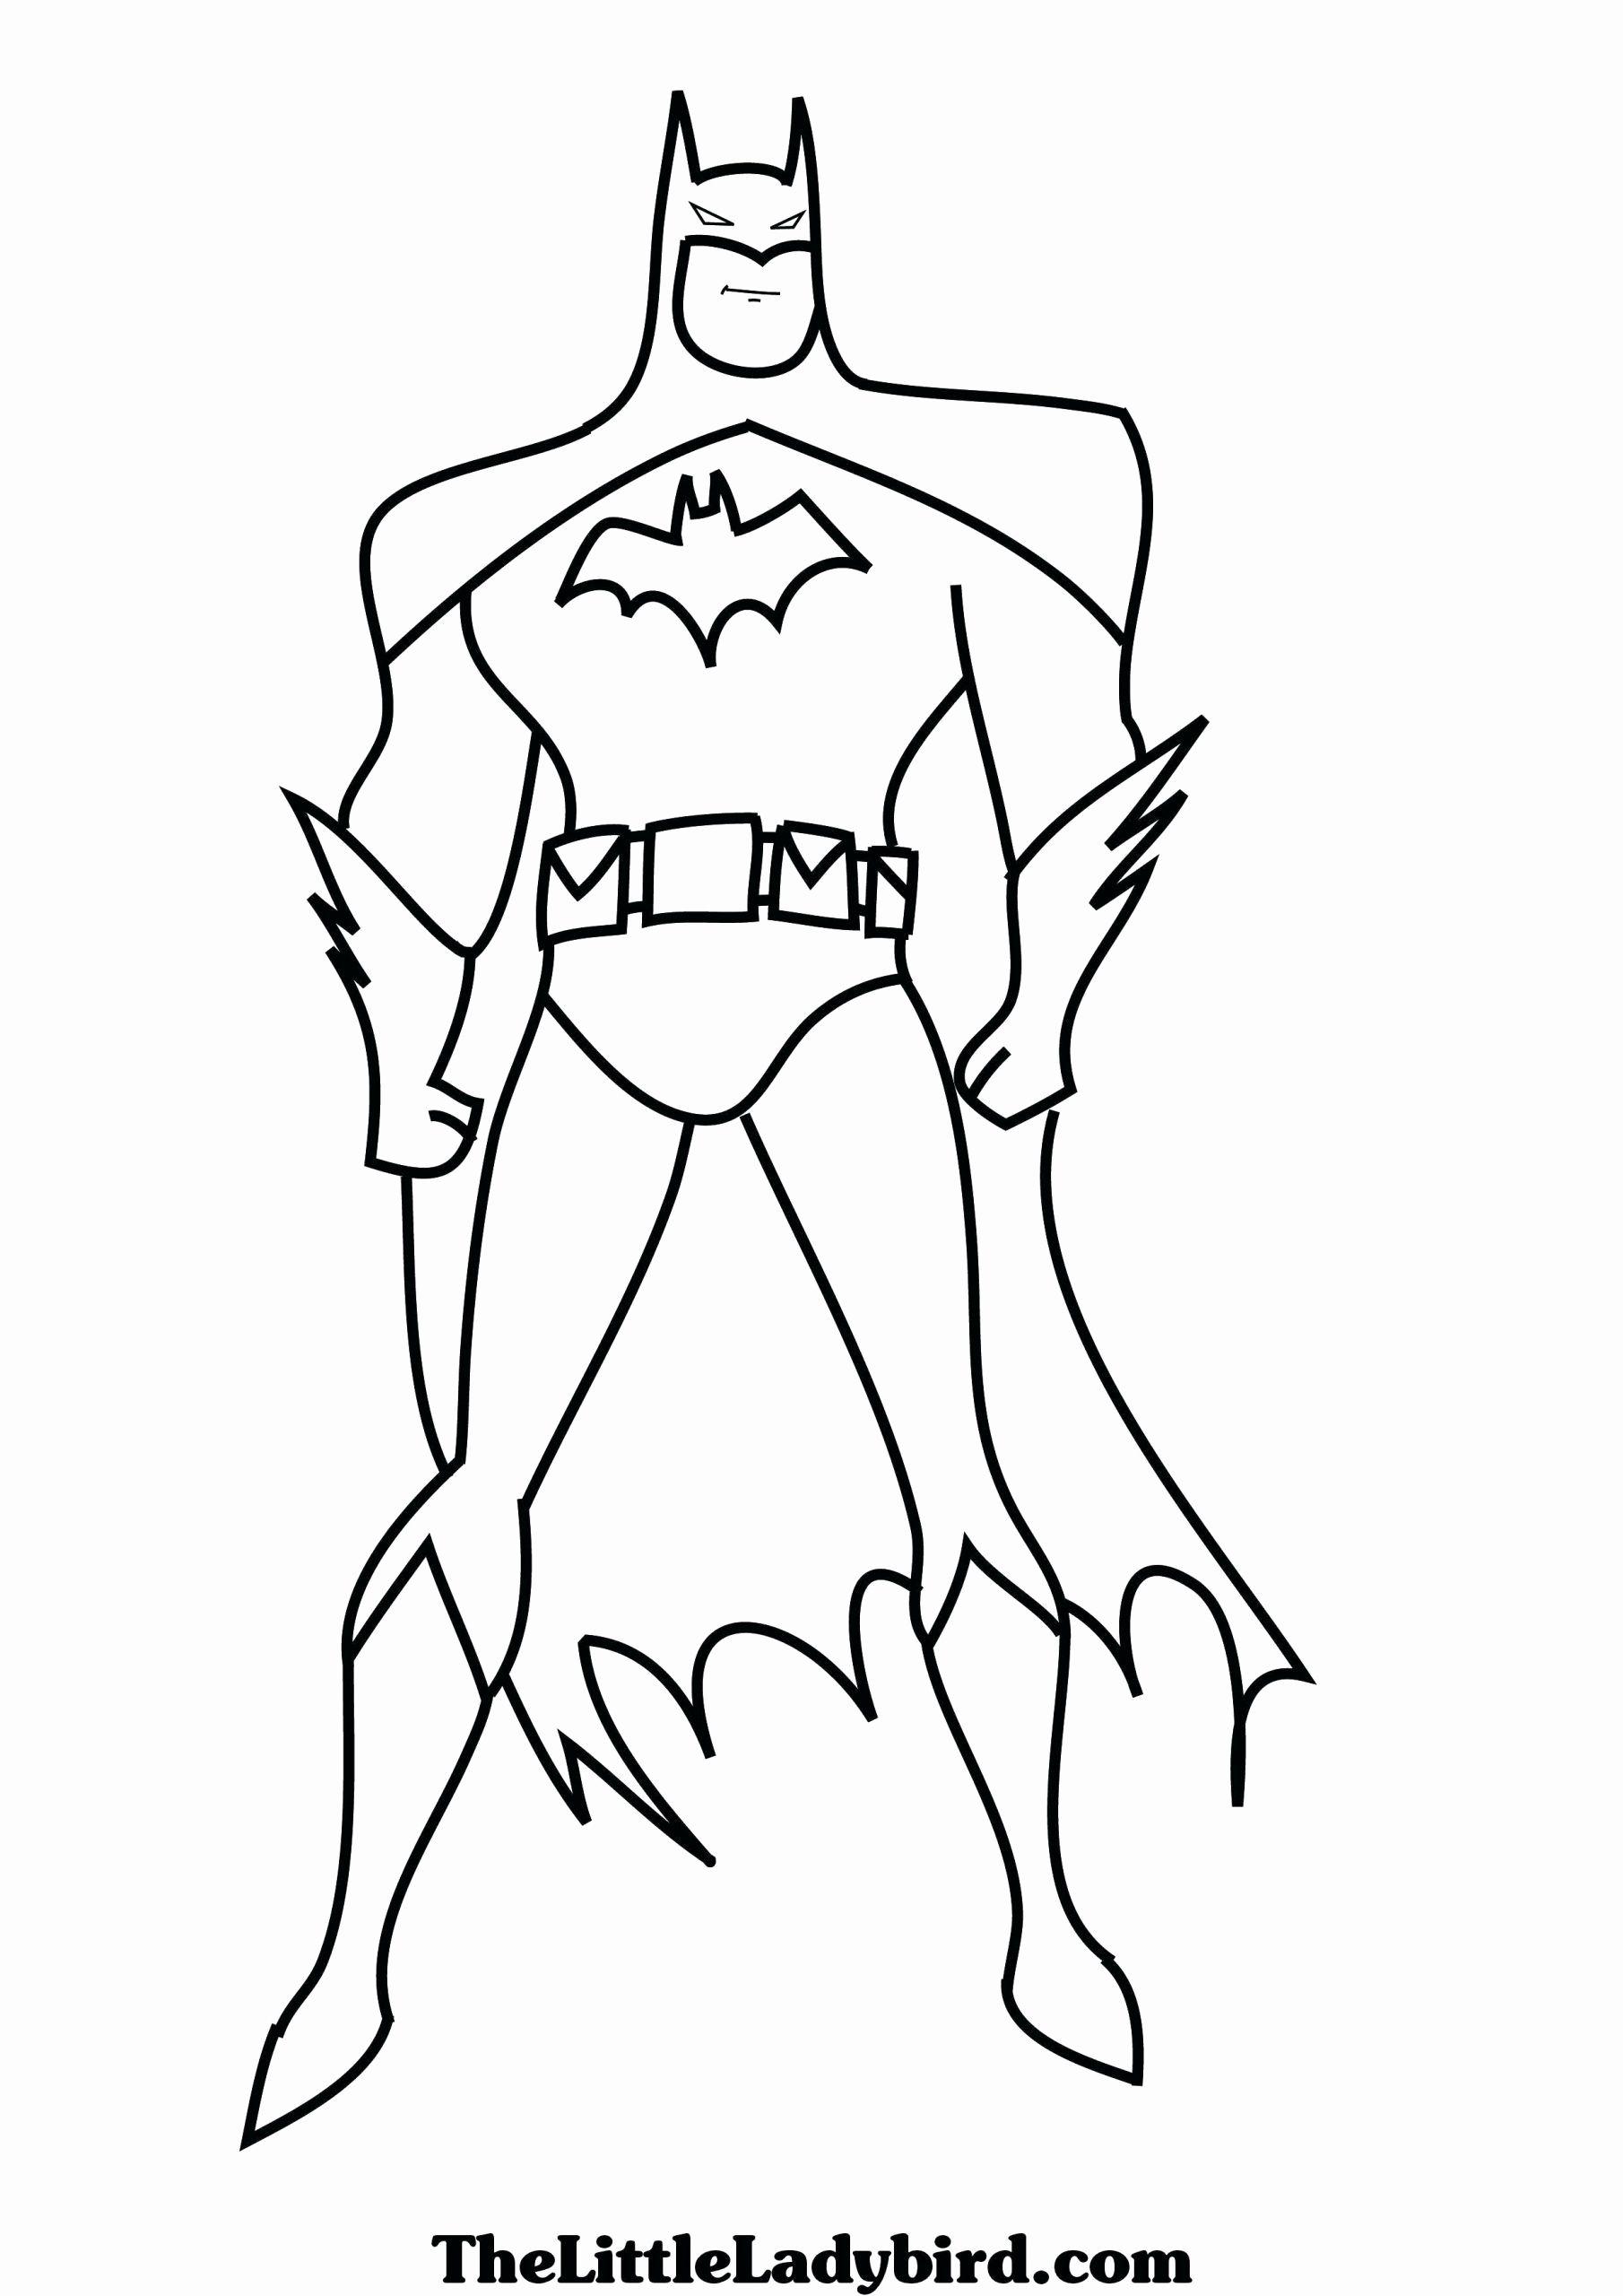 Coloring Pages For Kids Batman Superhero Coloring Pages Superhero Coloring Superman Coloring Pages